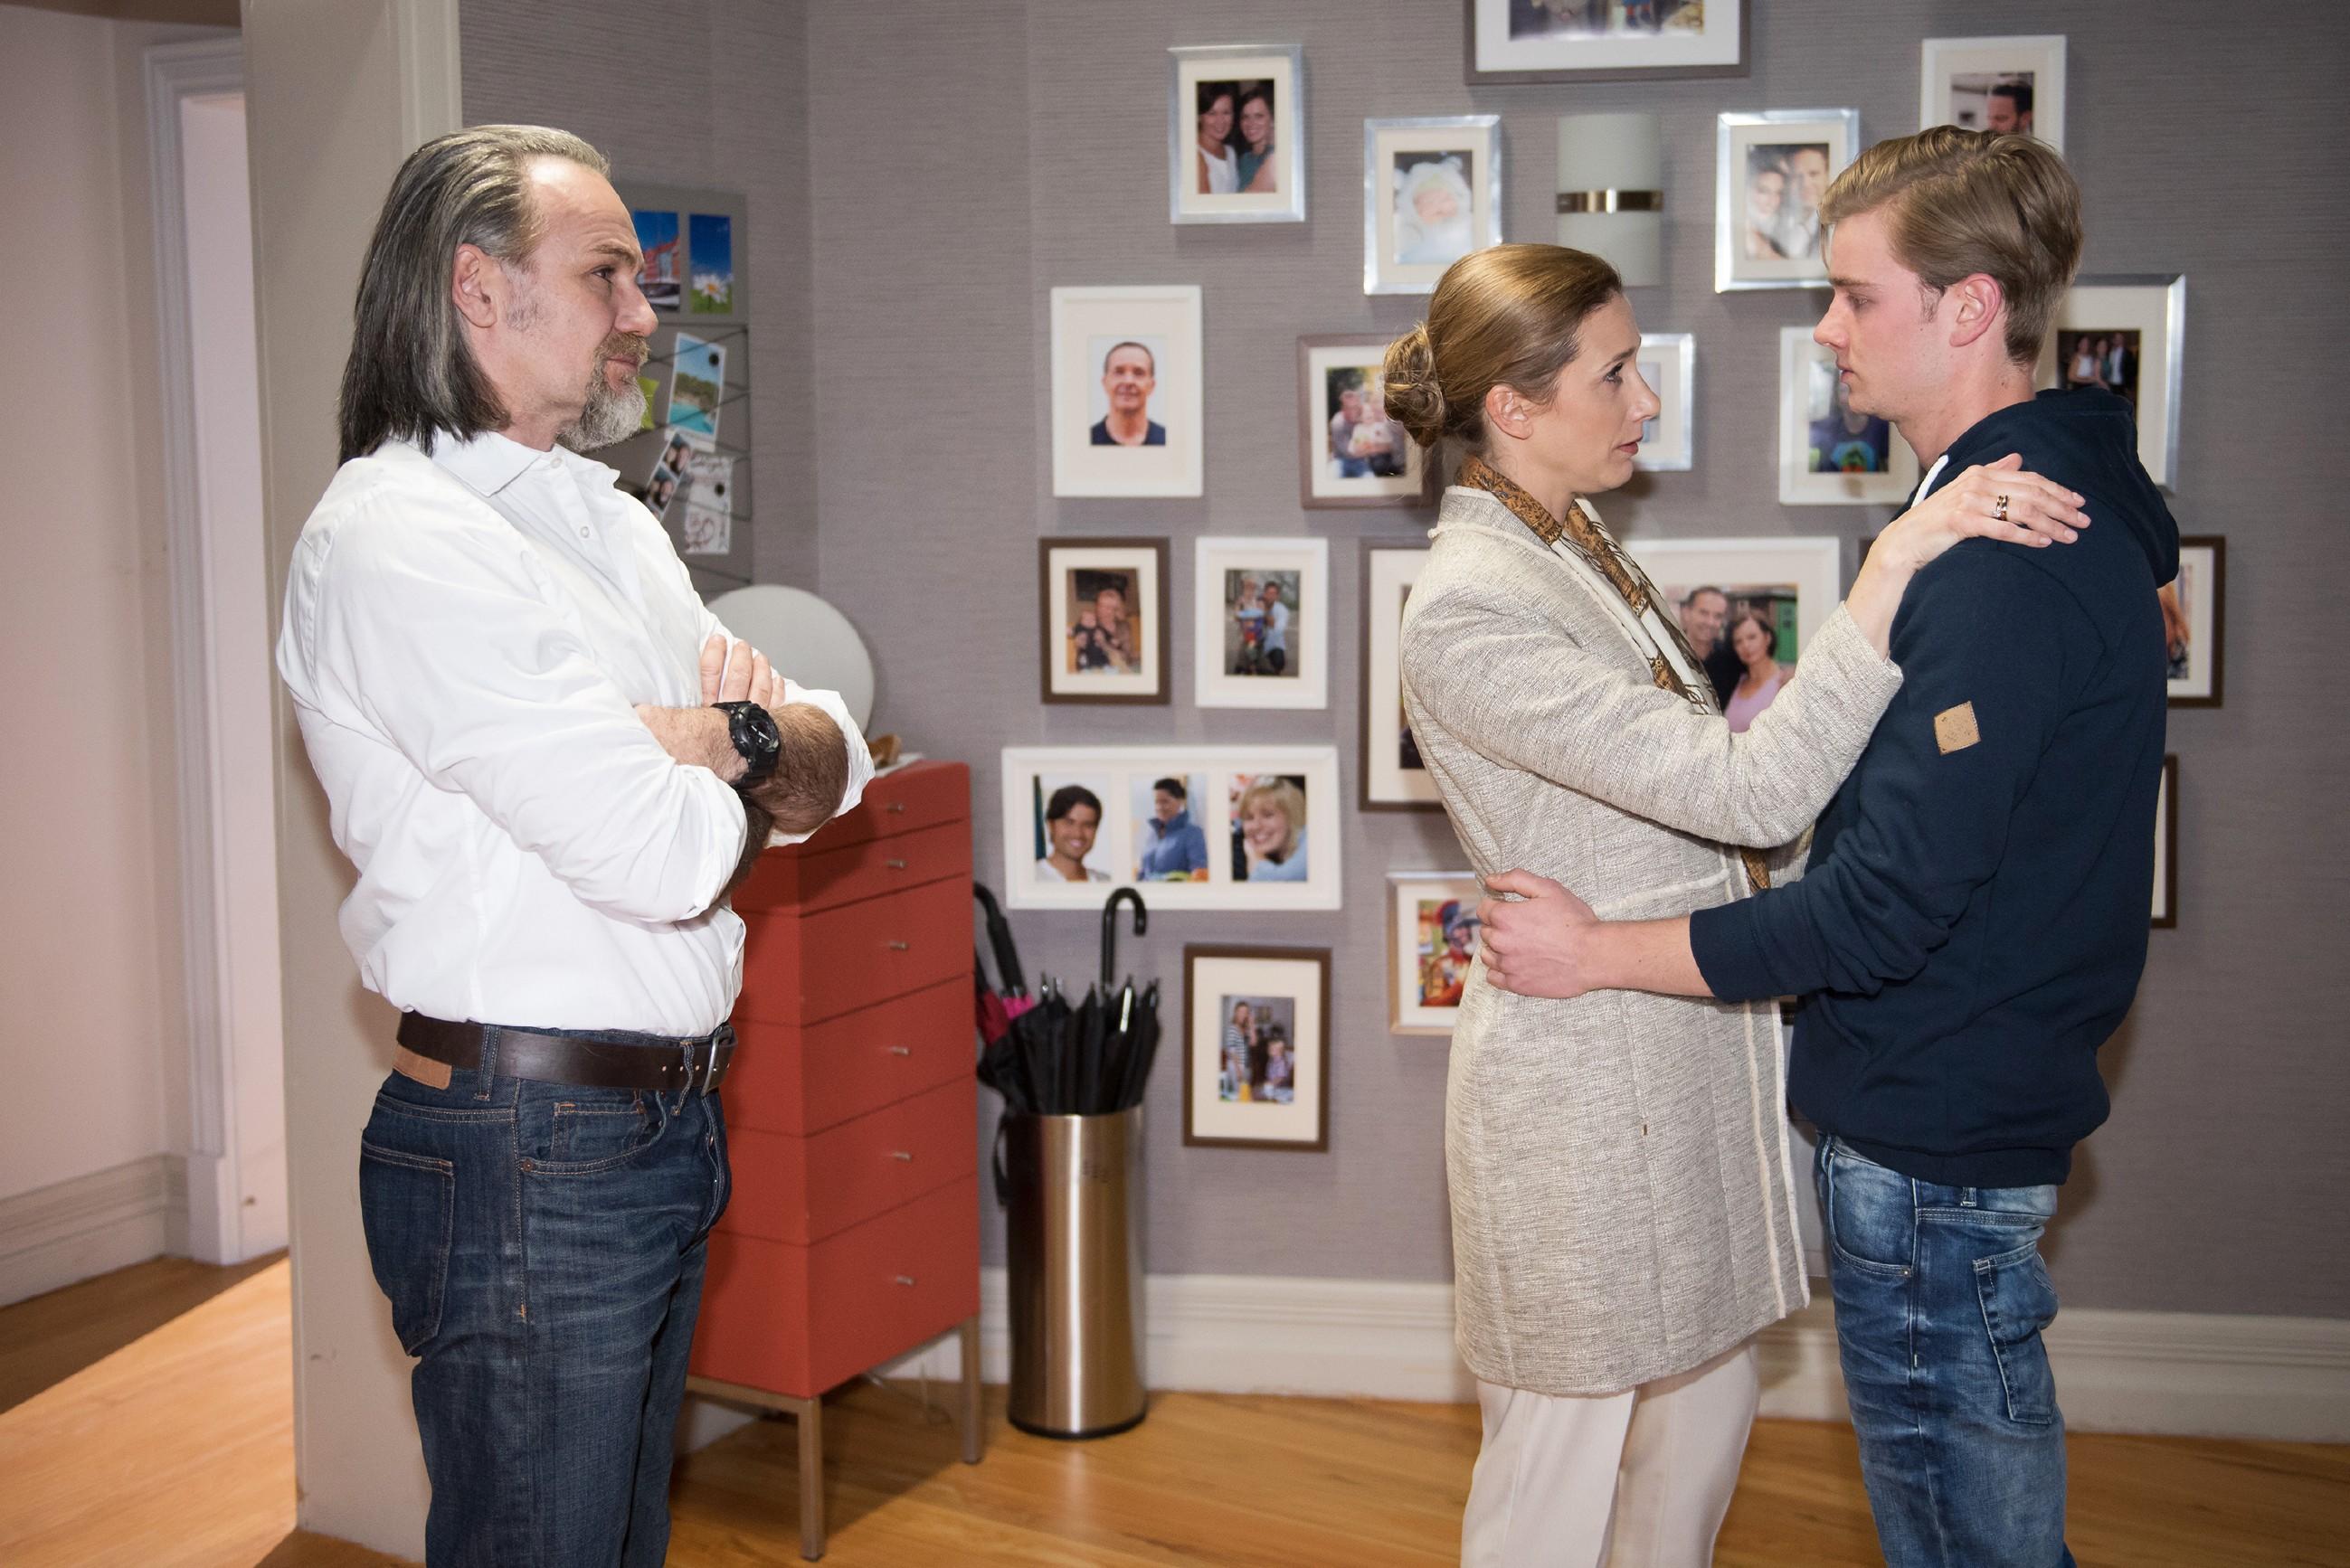 Das erste Wiedersehen nach sechs Jahren zwischen Robert (Luca Maric, l.) und seiner Tochter Andrea (Kristin Meyer), die gekommen ist, um Valentin (Aaron Koszuta) abzuholen, verläuft angespannt. (Quelle: RTL / Stefan Behrens)